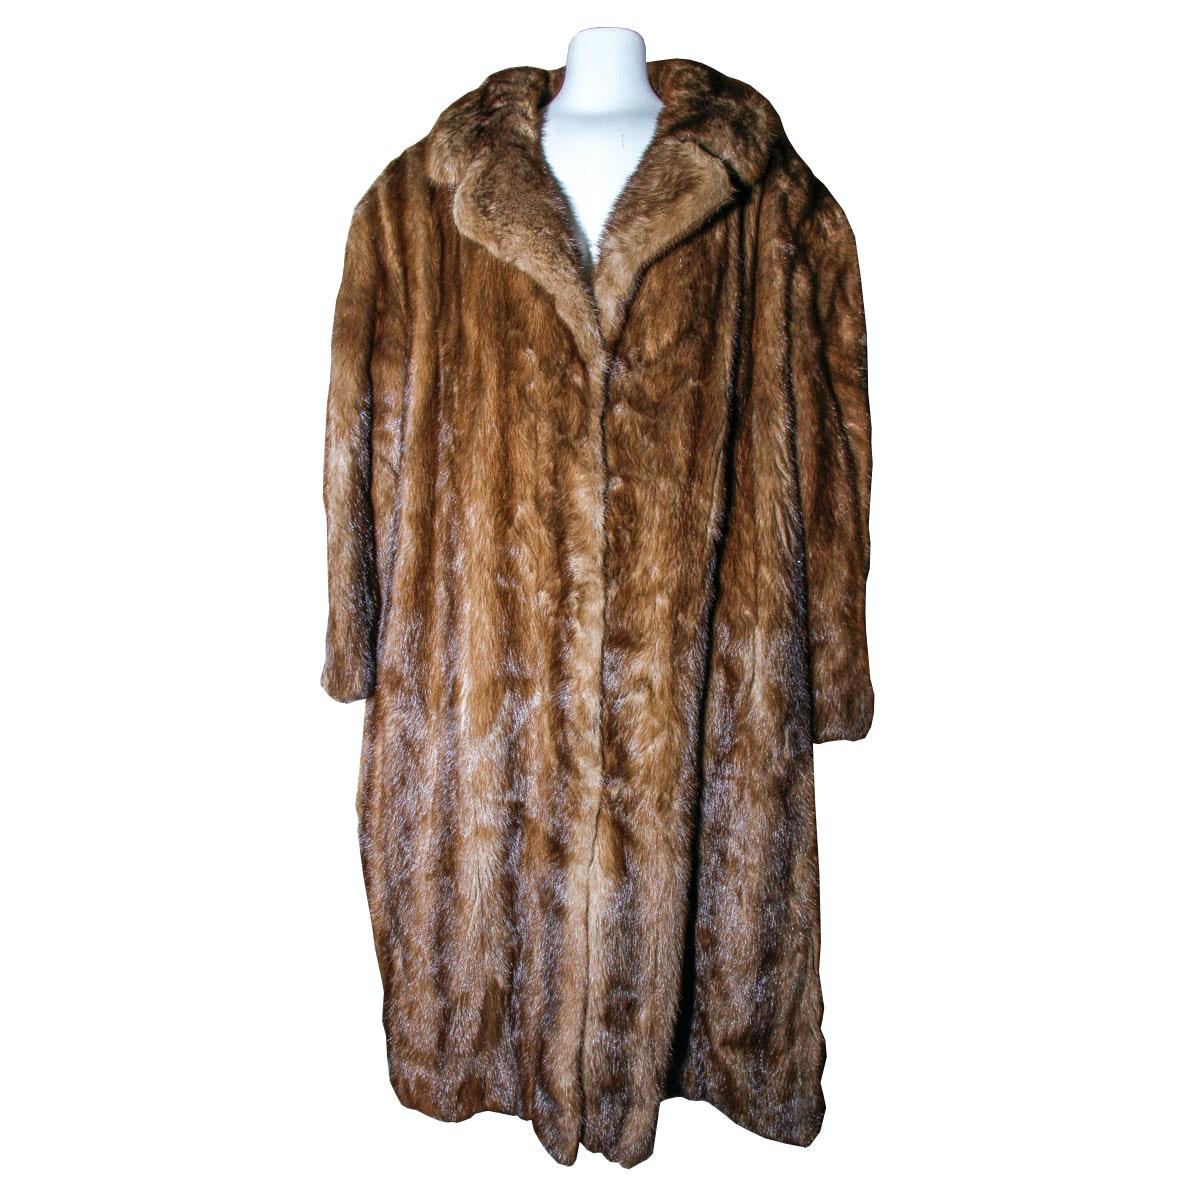 Vintage Mink Fur Coat : EBTH